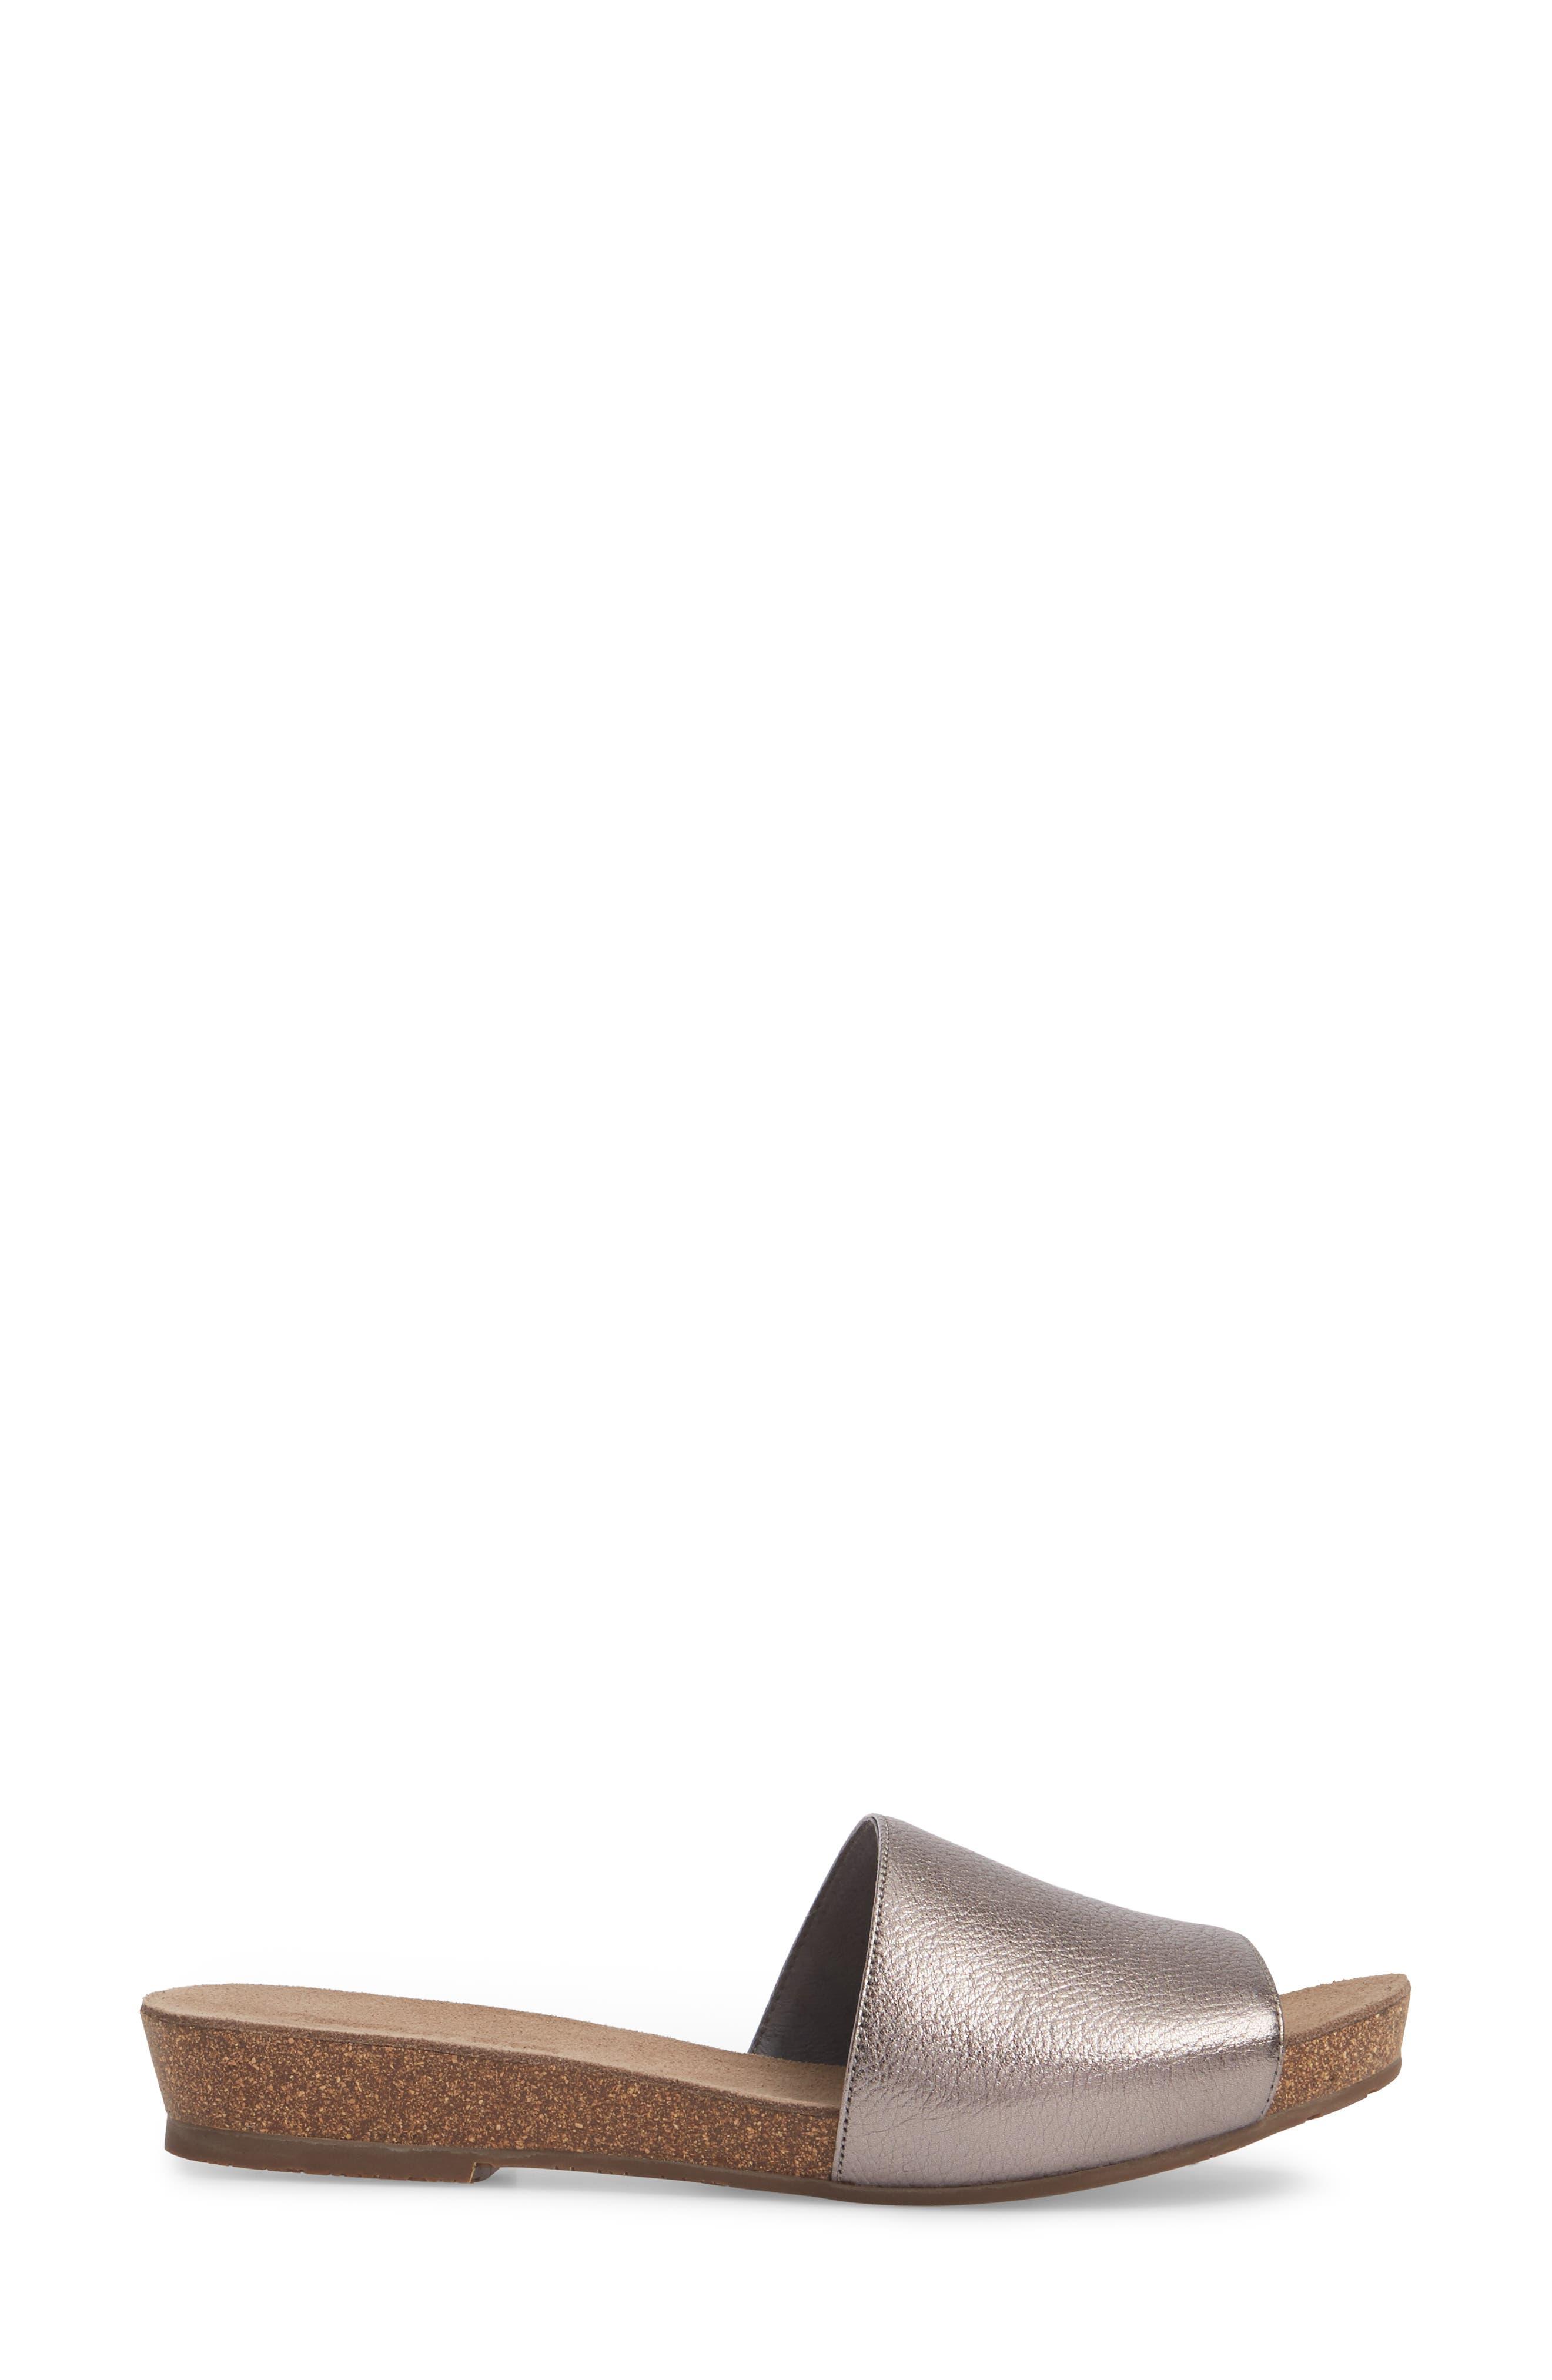 Alternate Image 3  - Chocolat Blu Viveca Slide Sandal (Women)